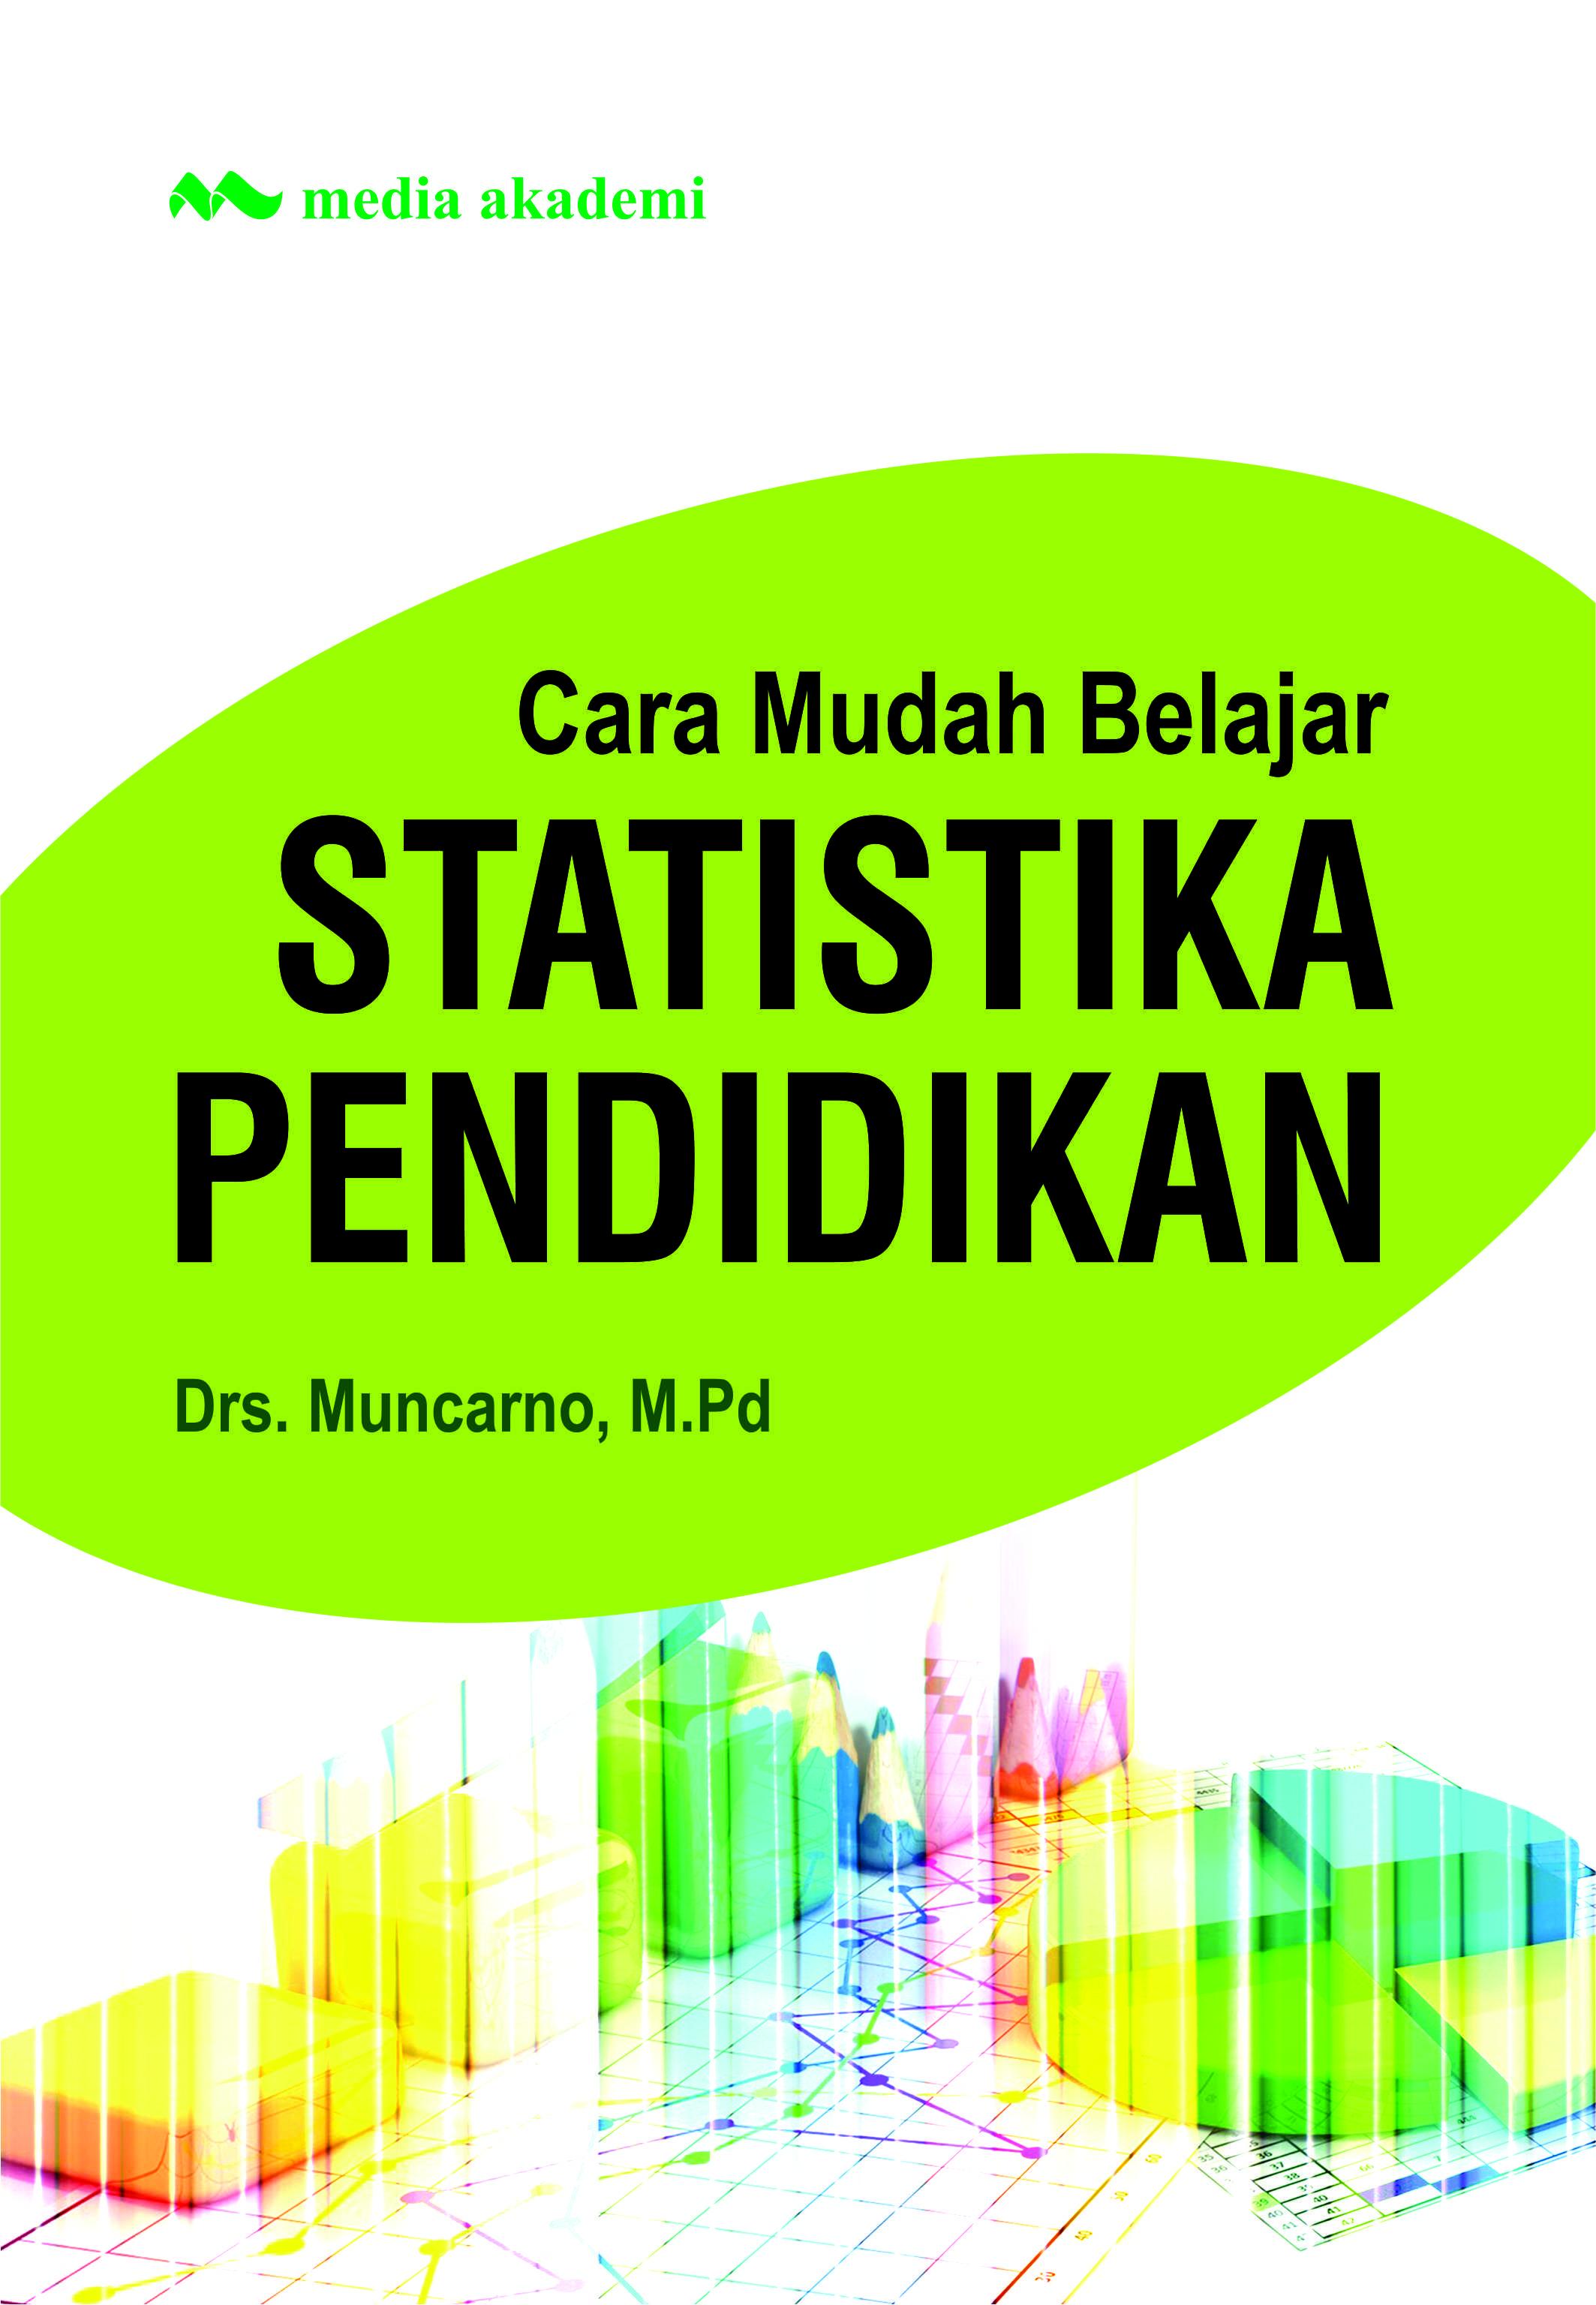 Cara mudah belajar statistika pendidikan